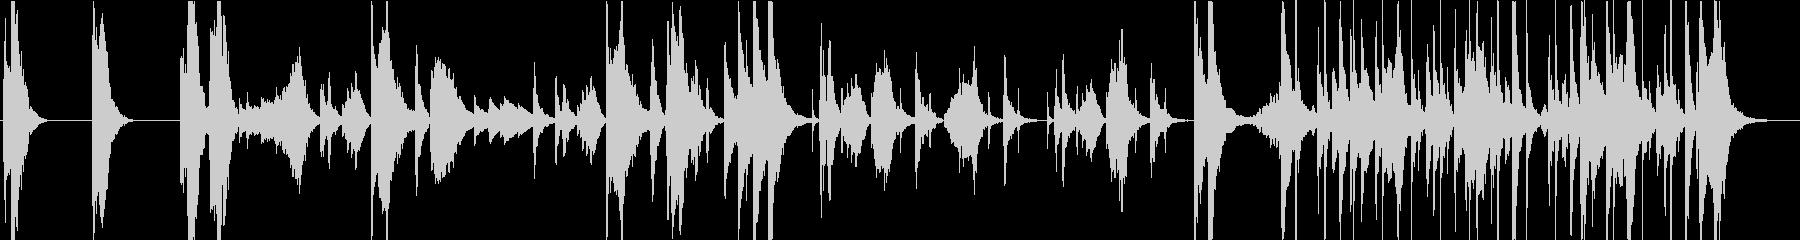 不思議・コミカルなシーンのBGMの未再生の波形